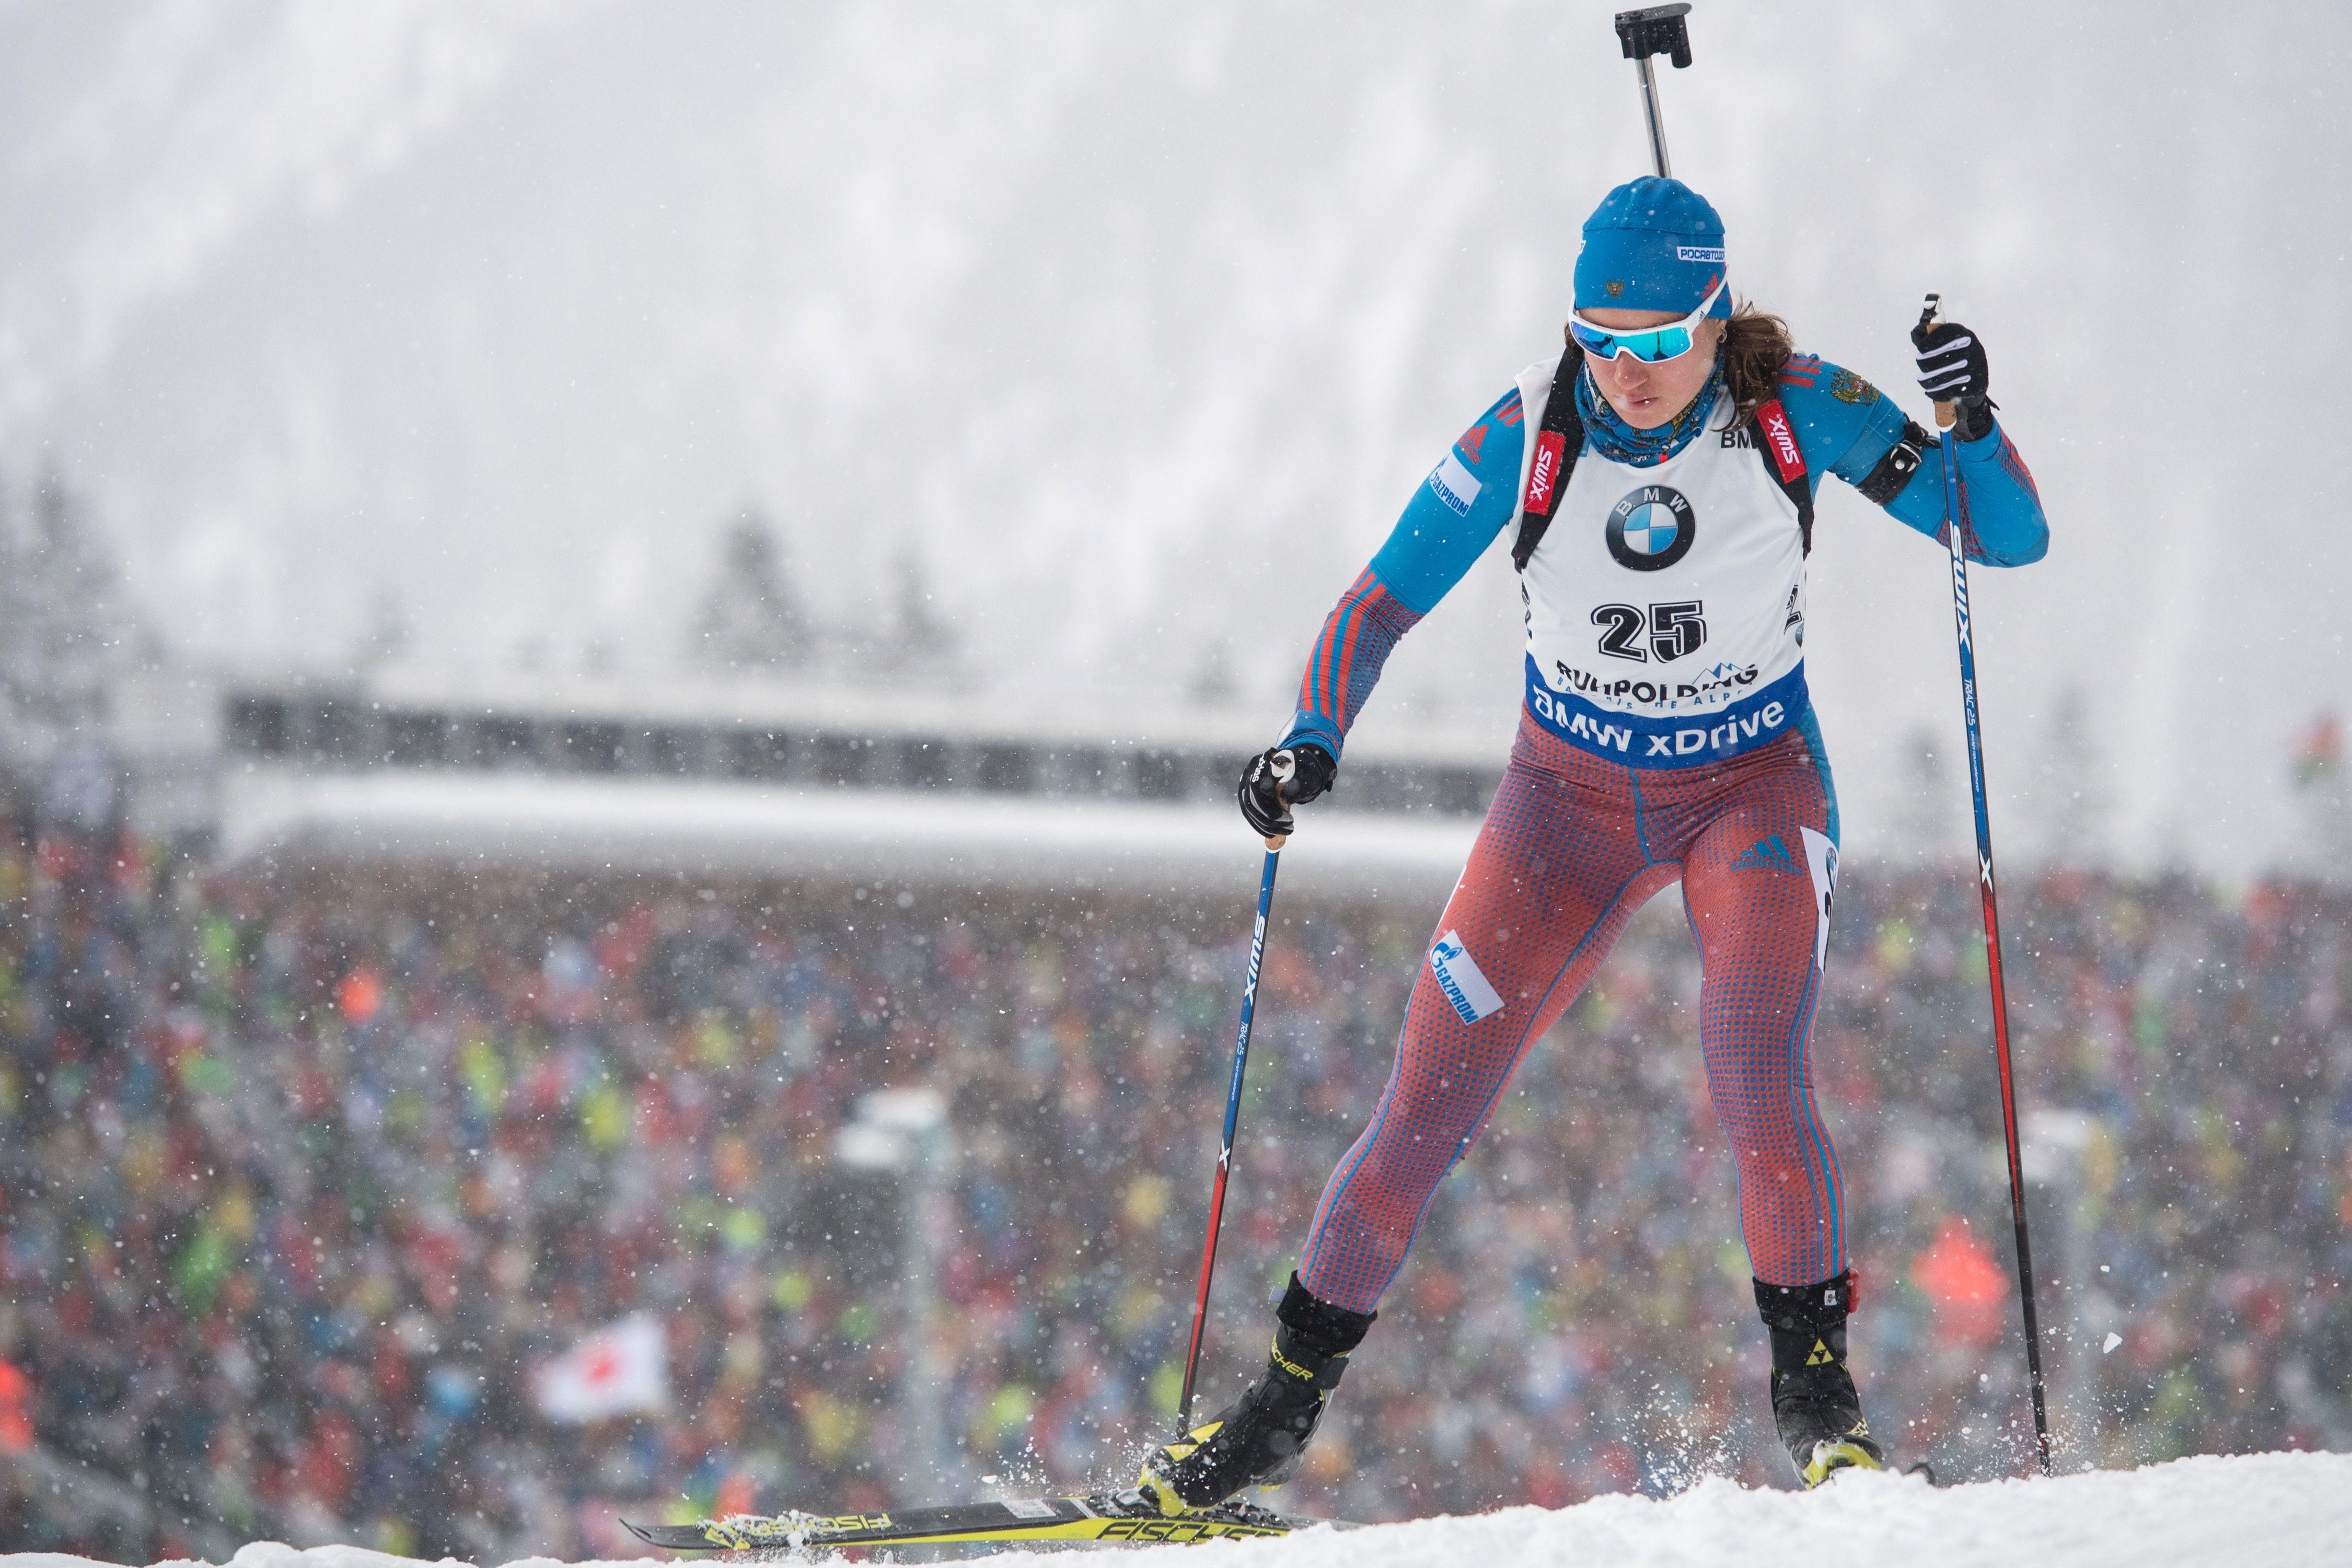 Подчуфарова считает, что в Словении к спортсменам относятся лучше, чем в России